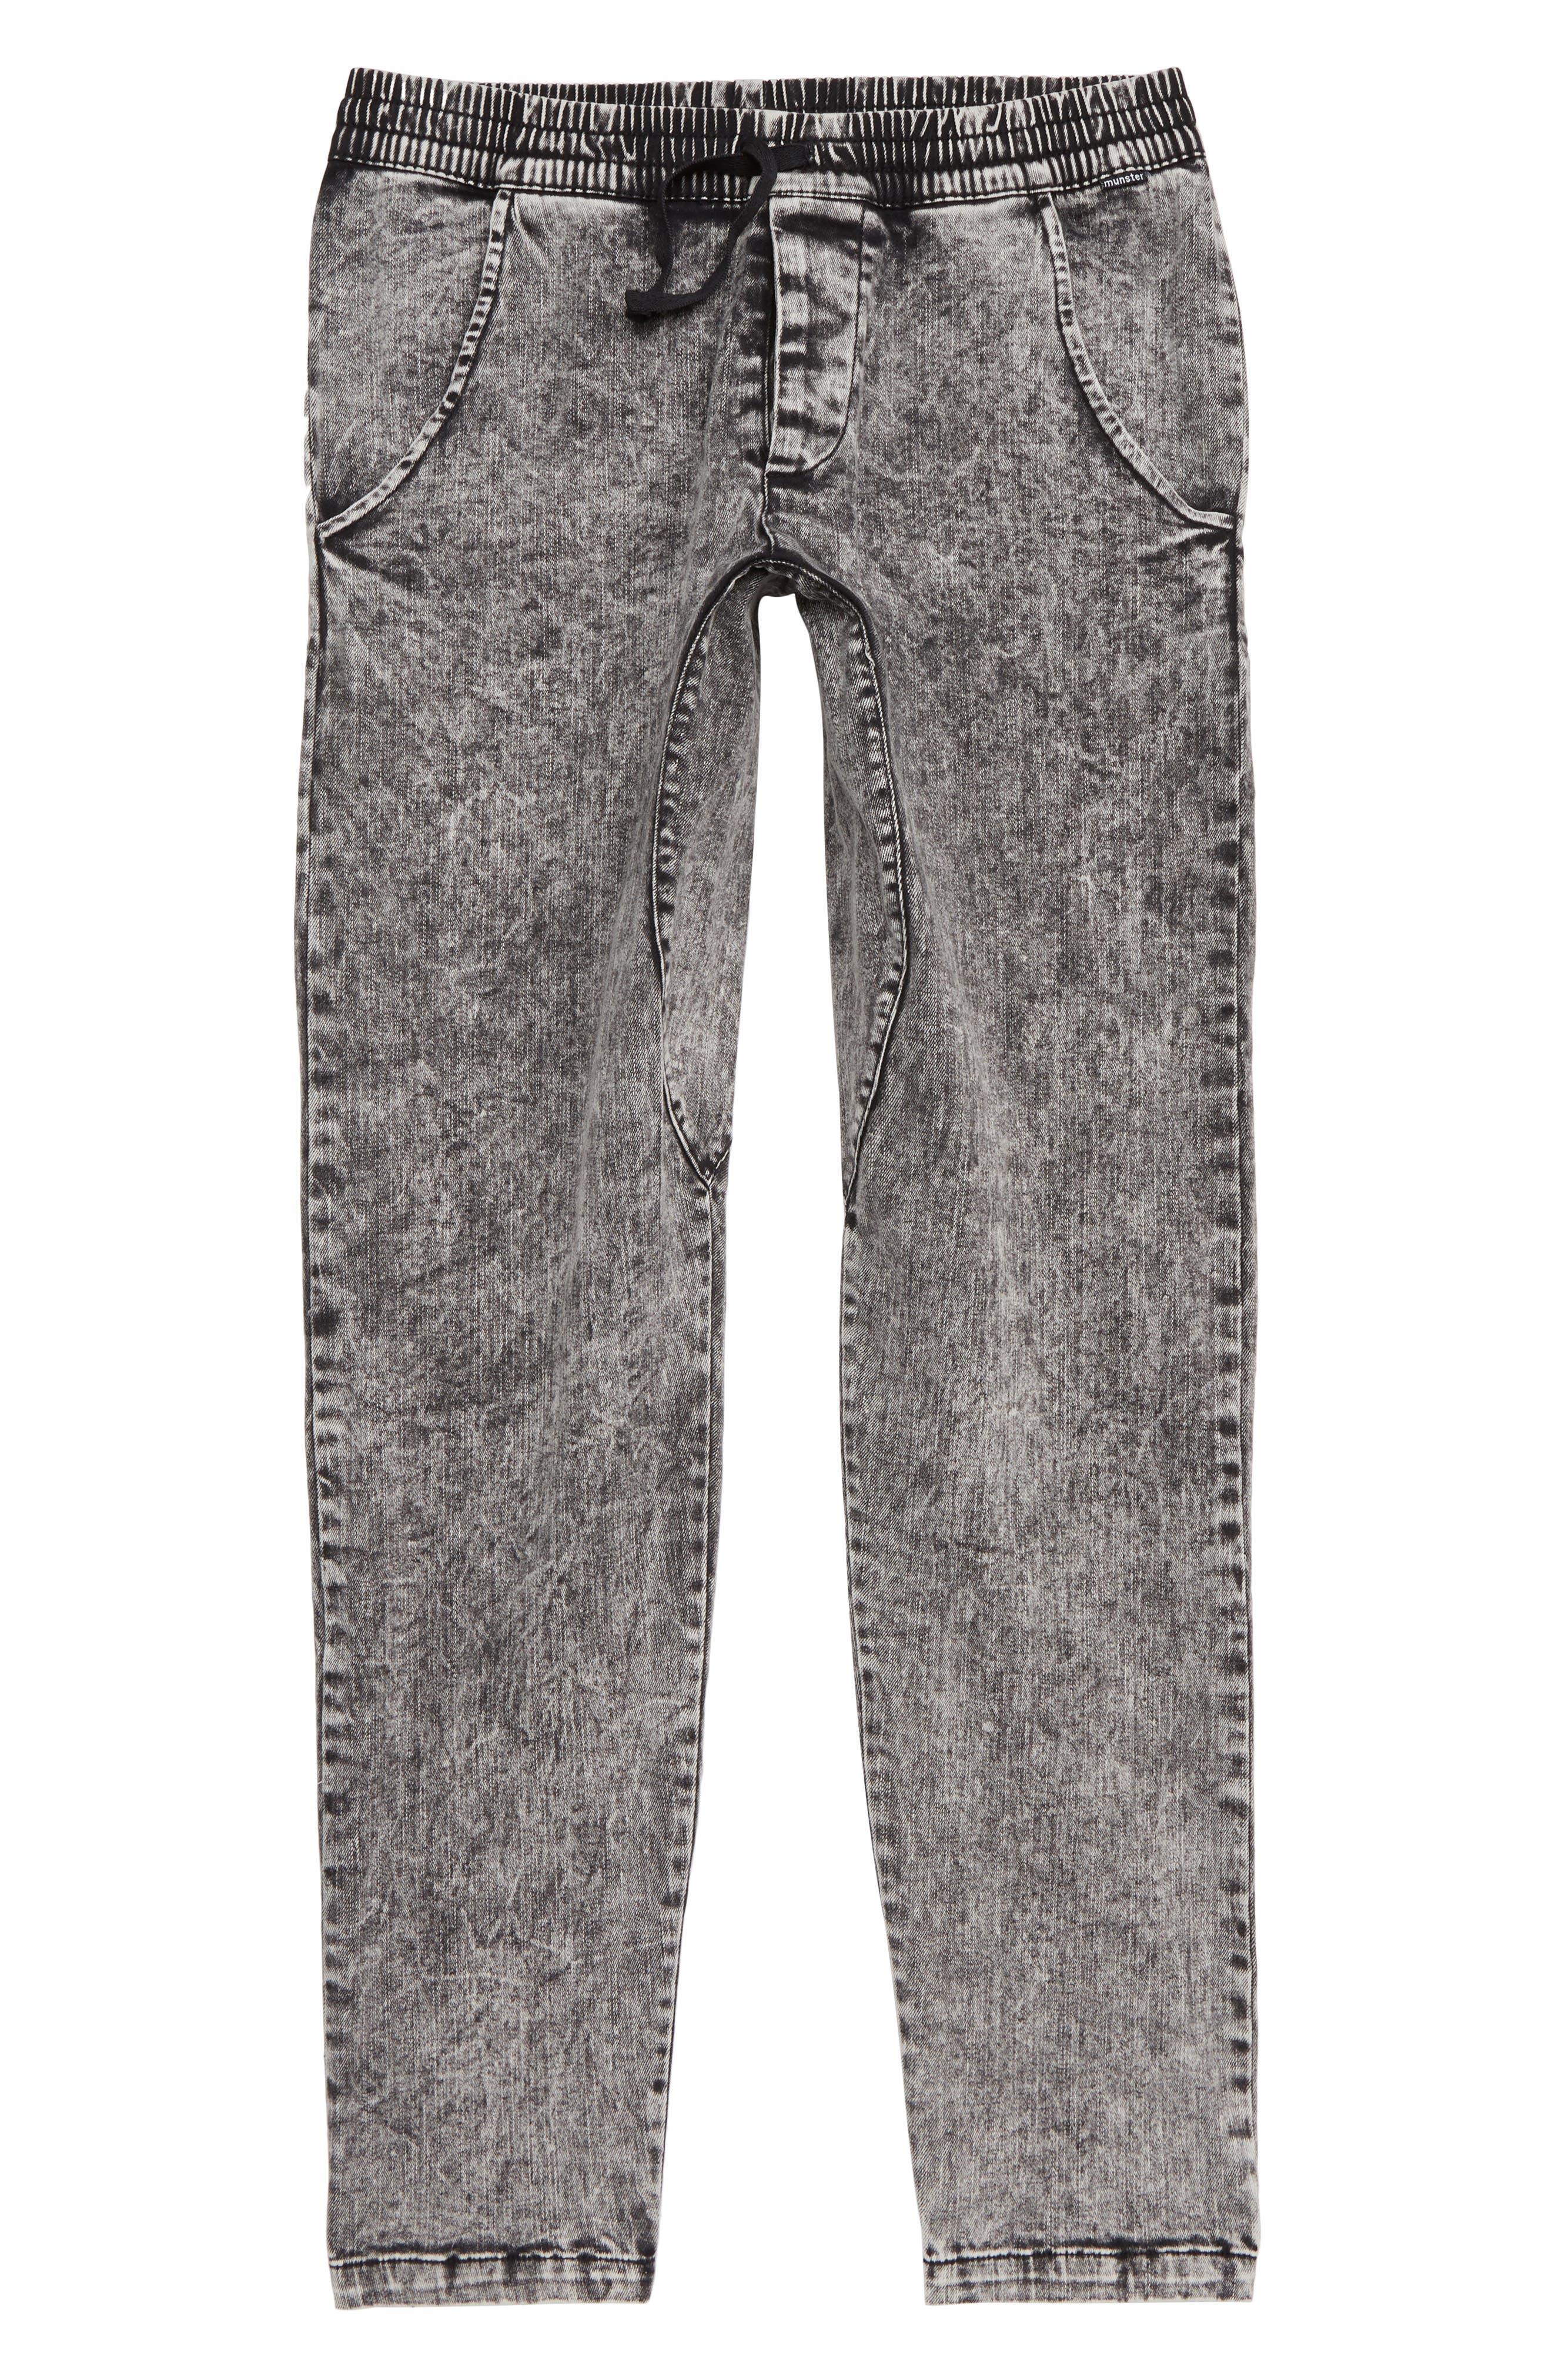 Cruz Stretch Cotton Pants,                             Main thumbnail 1, color,                             ACID BLACK